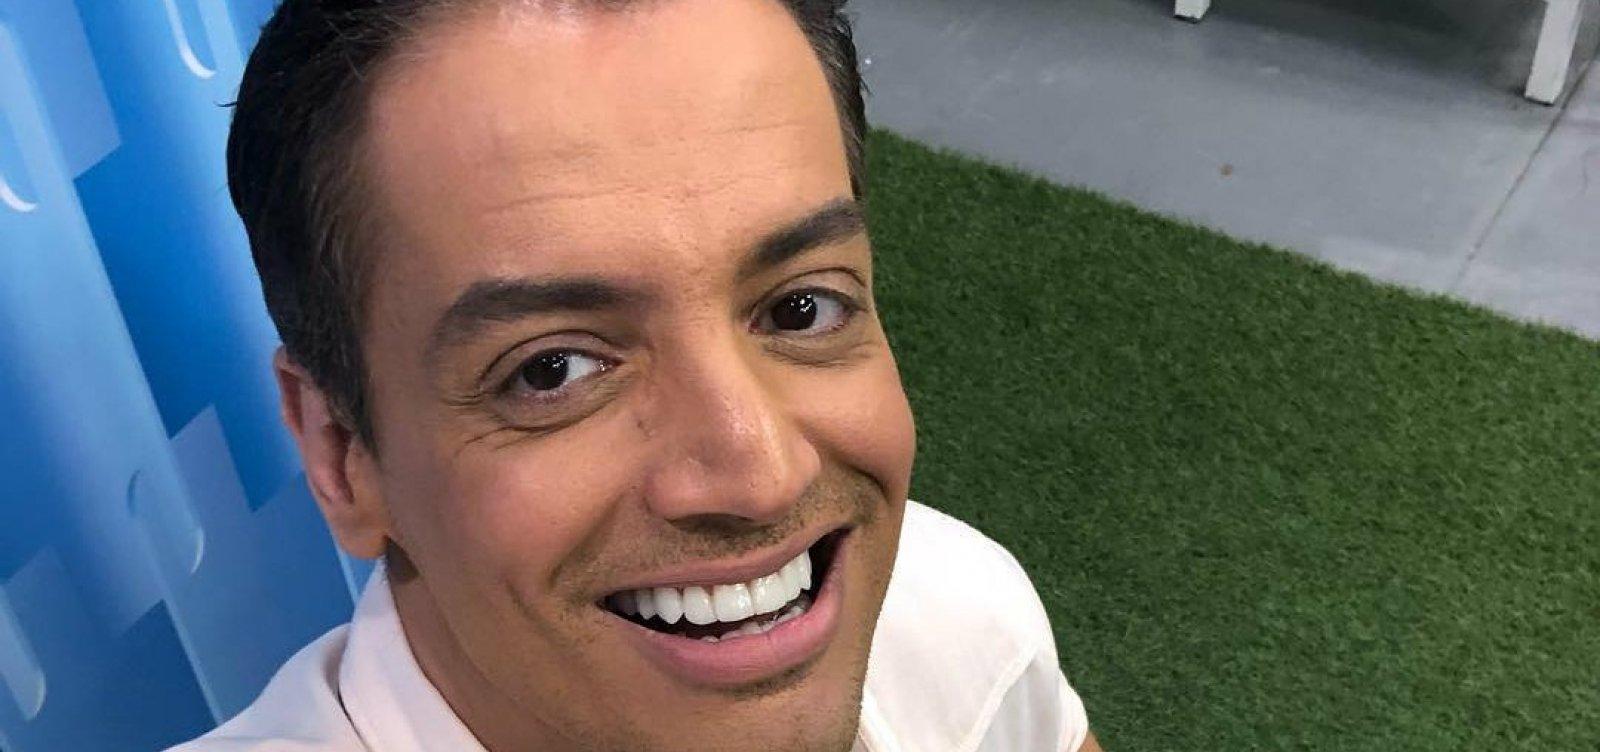 [Leo Dias se interna no fim de semana para continuar tratamento contra cocaína]